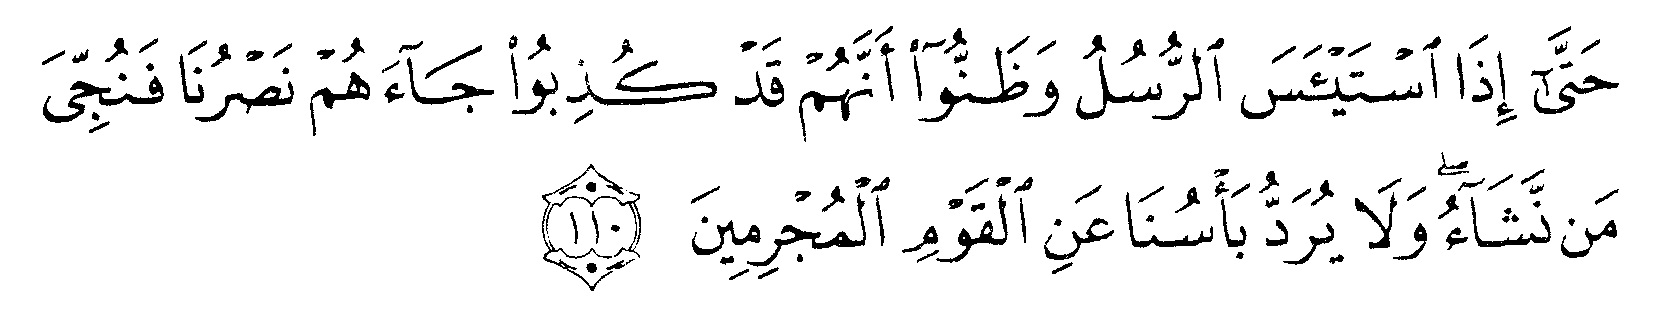 Surat Yusuf Alquranmulia